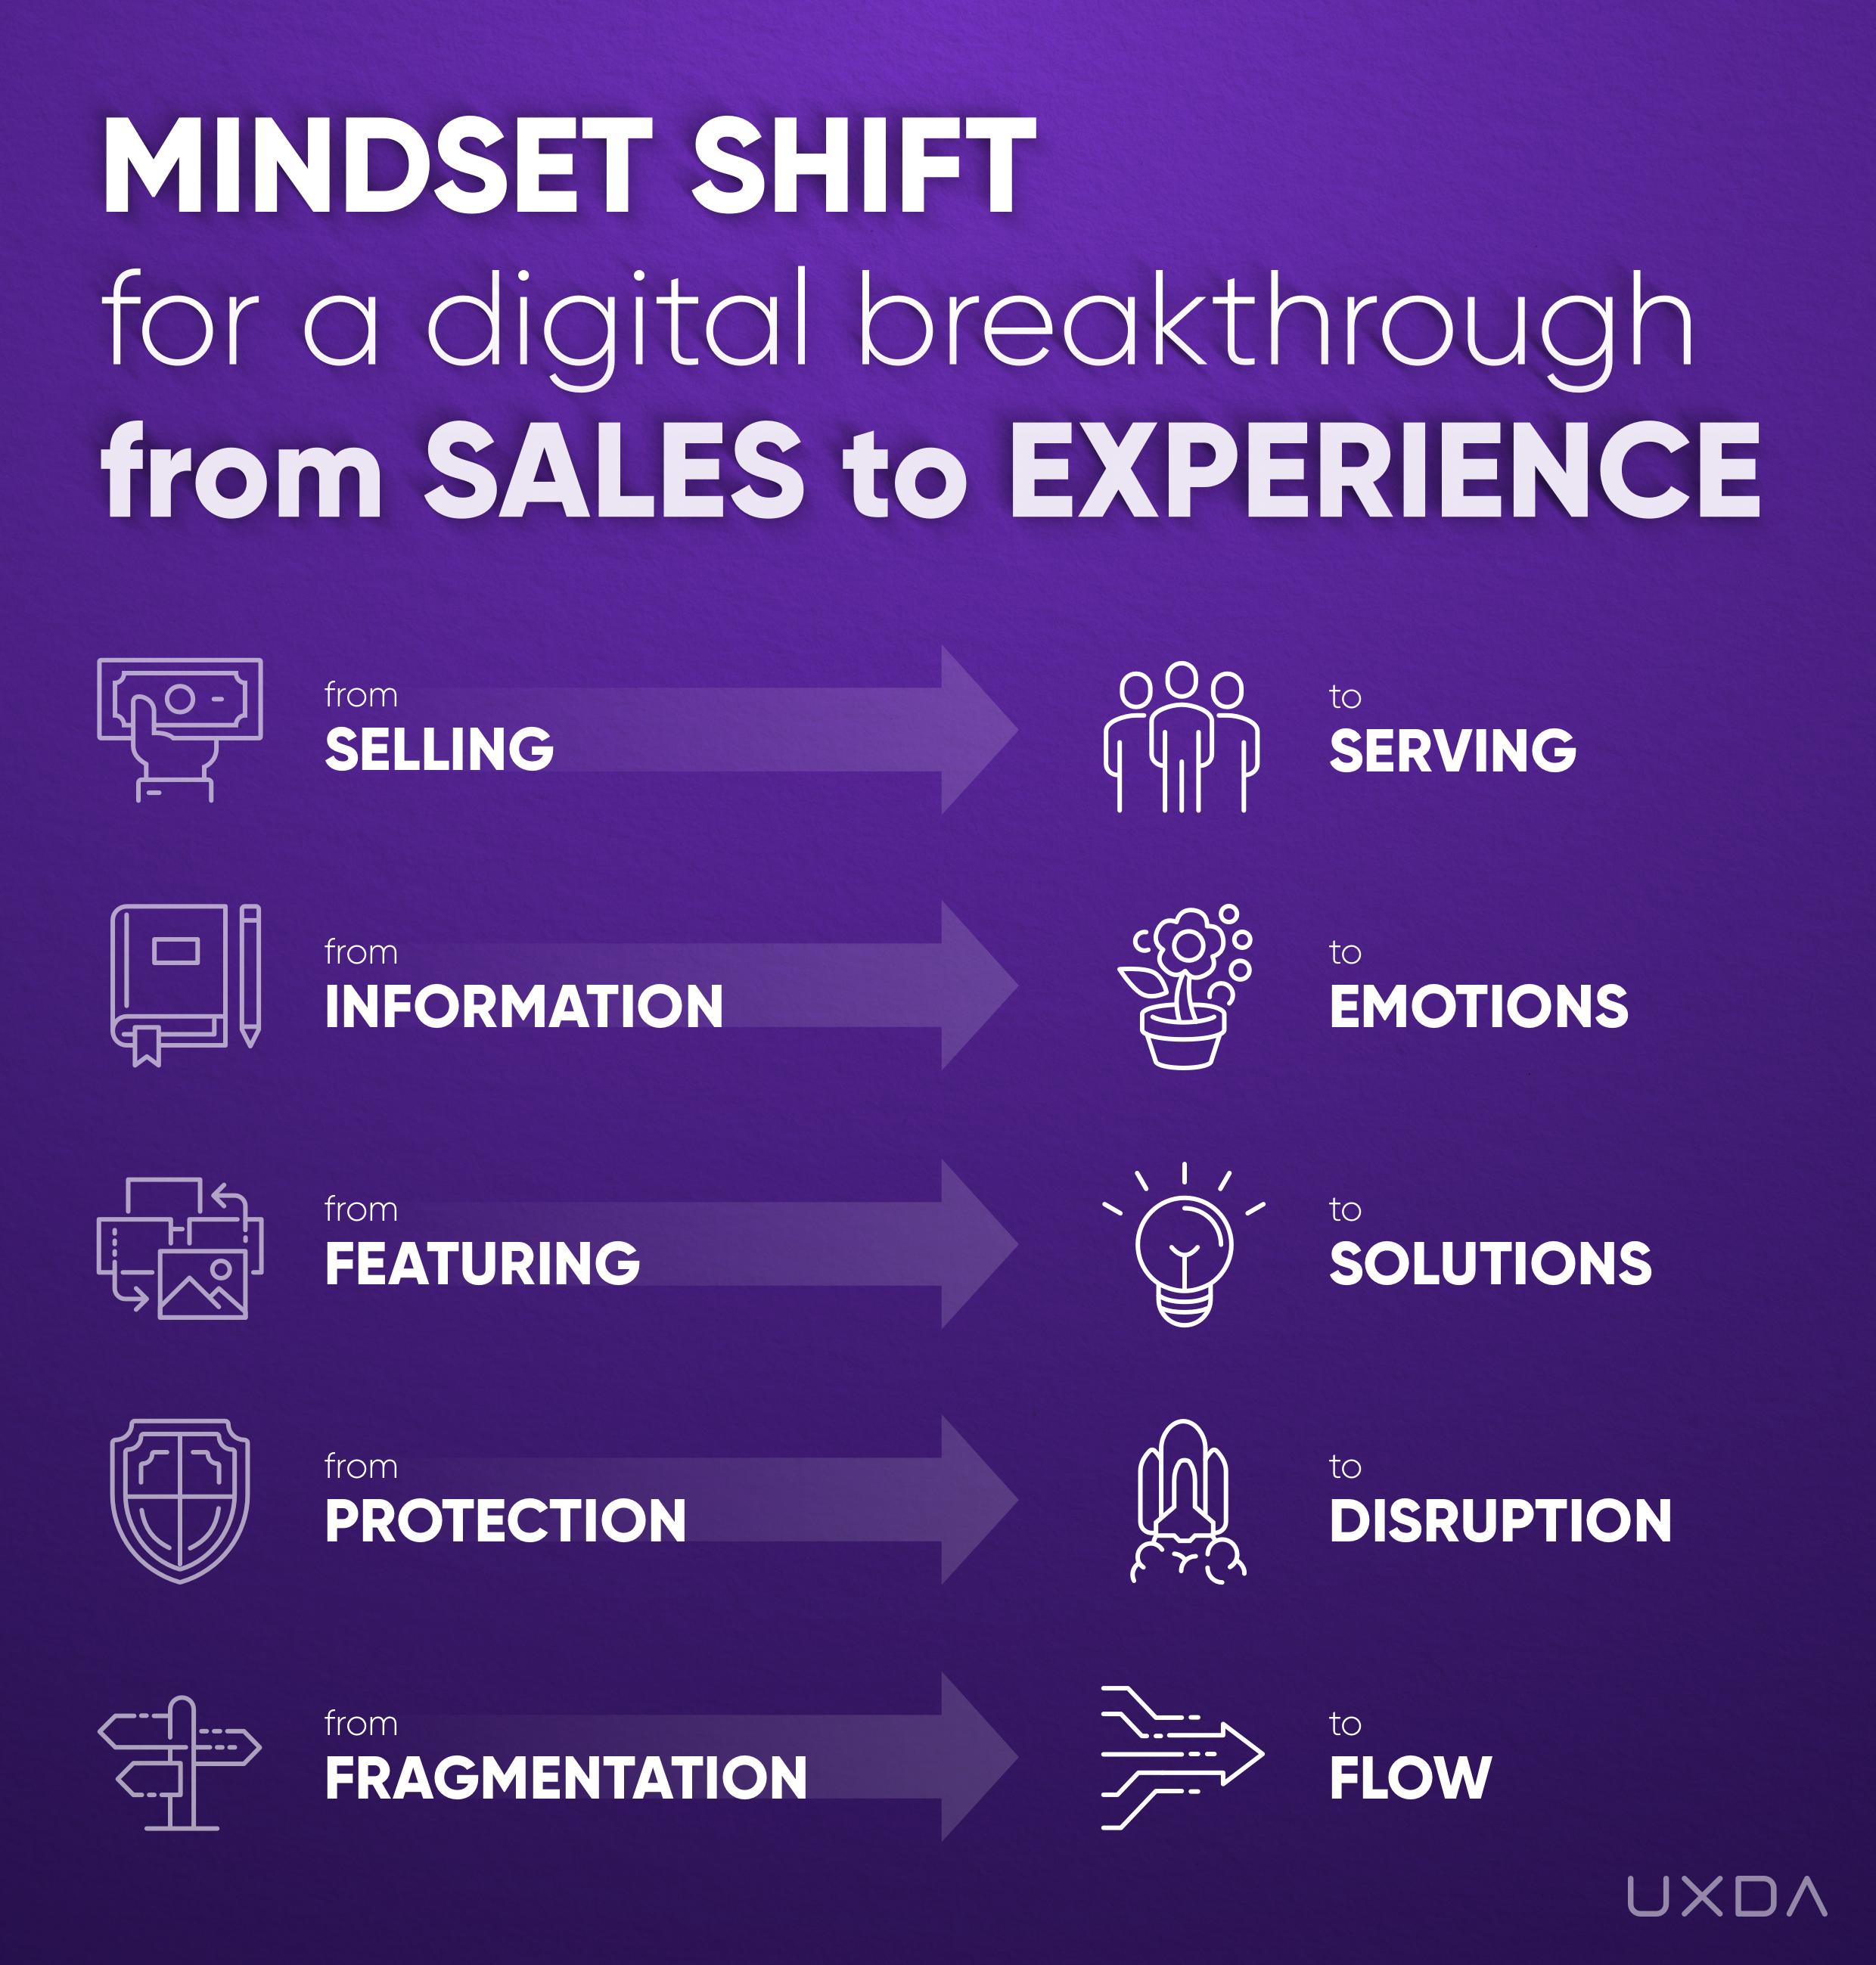 mindset-reload-3-1612347641.jpg